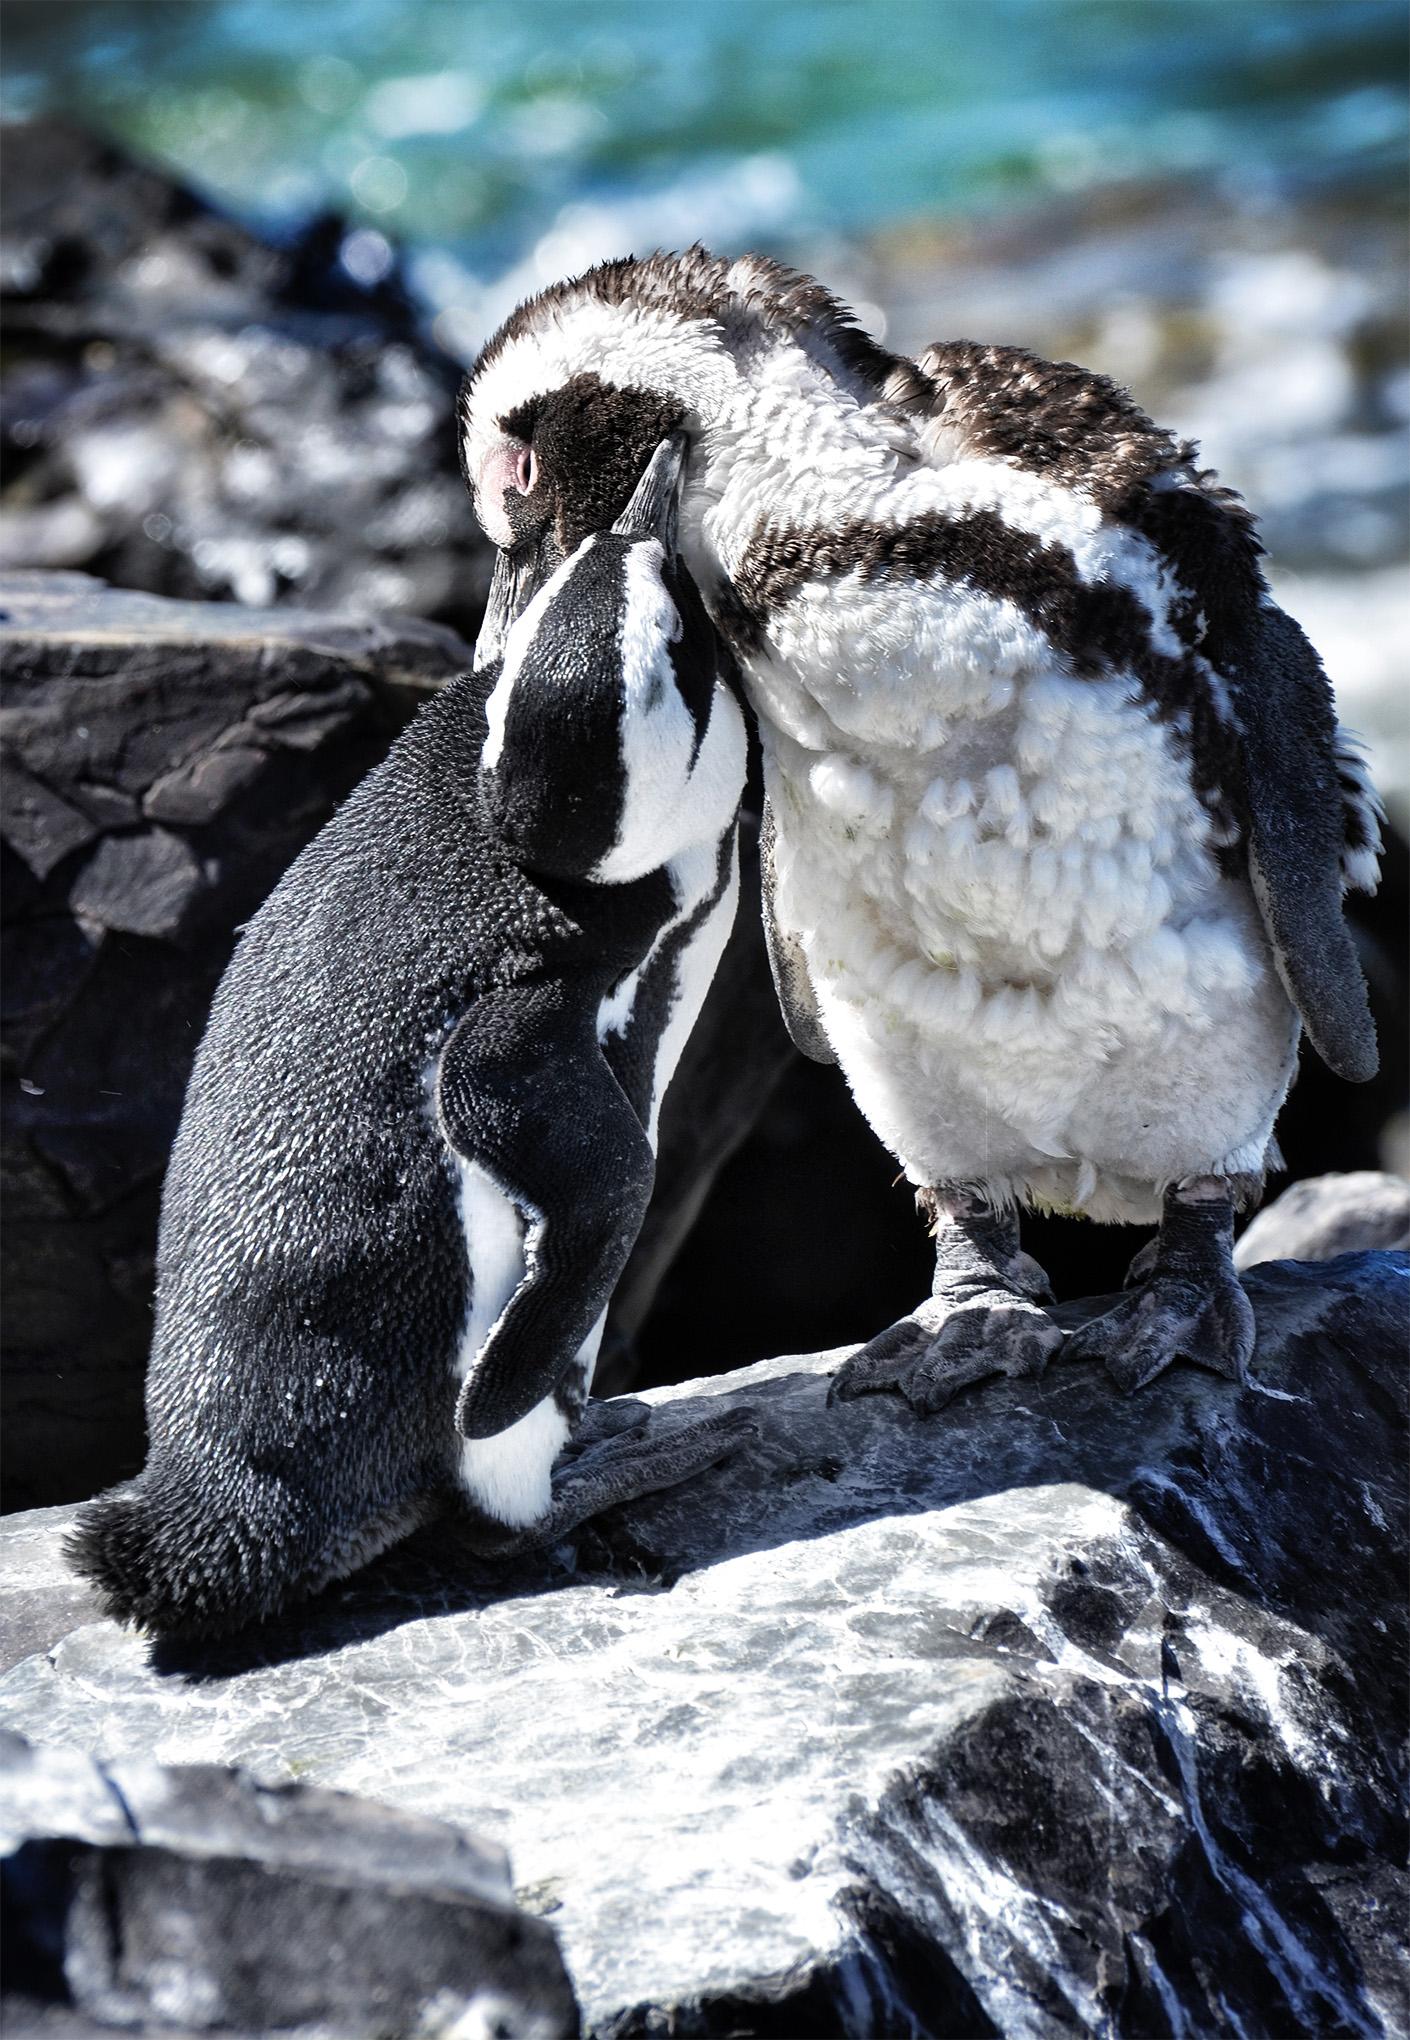 Preening African Penguins